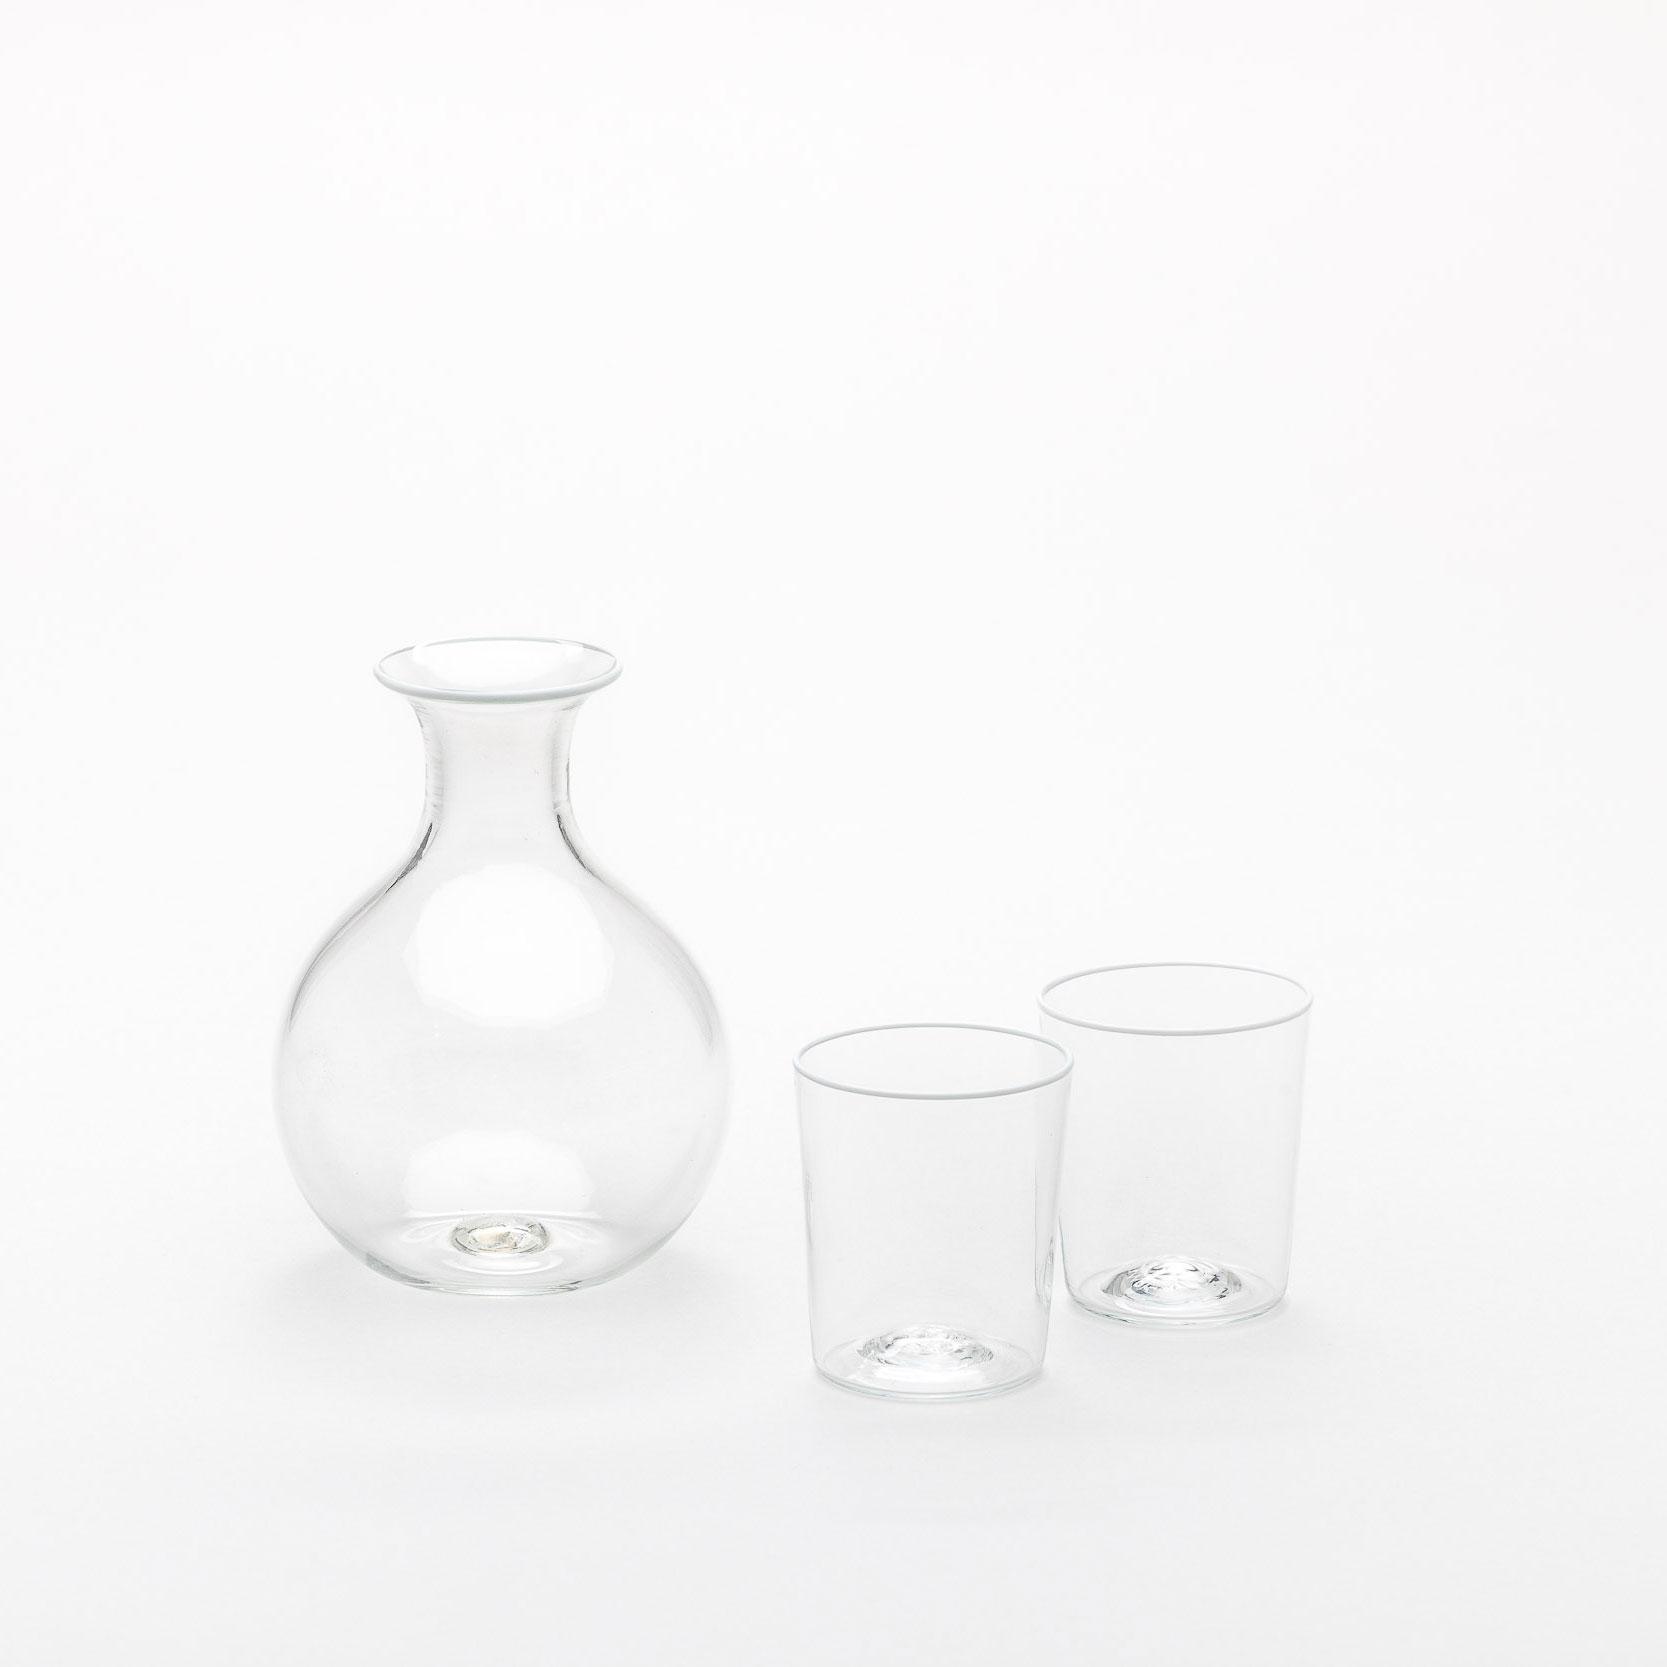 YALI-VESSEL-CRISTALLO-A-BORDO-WHITE-2.jpg